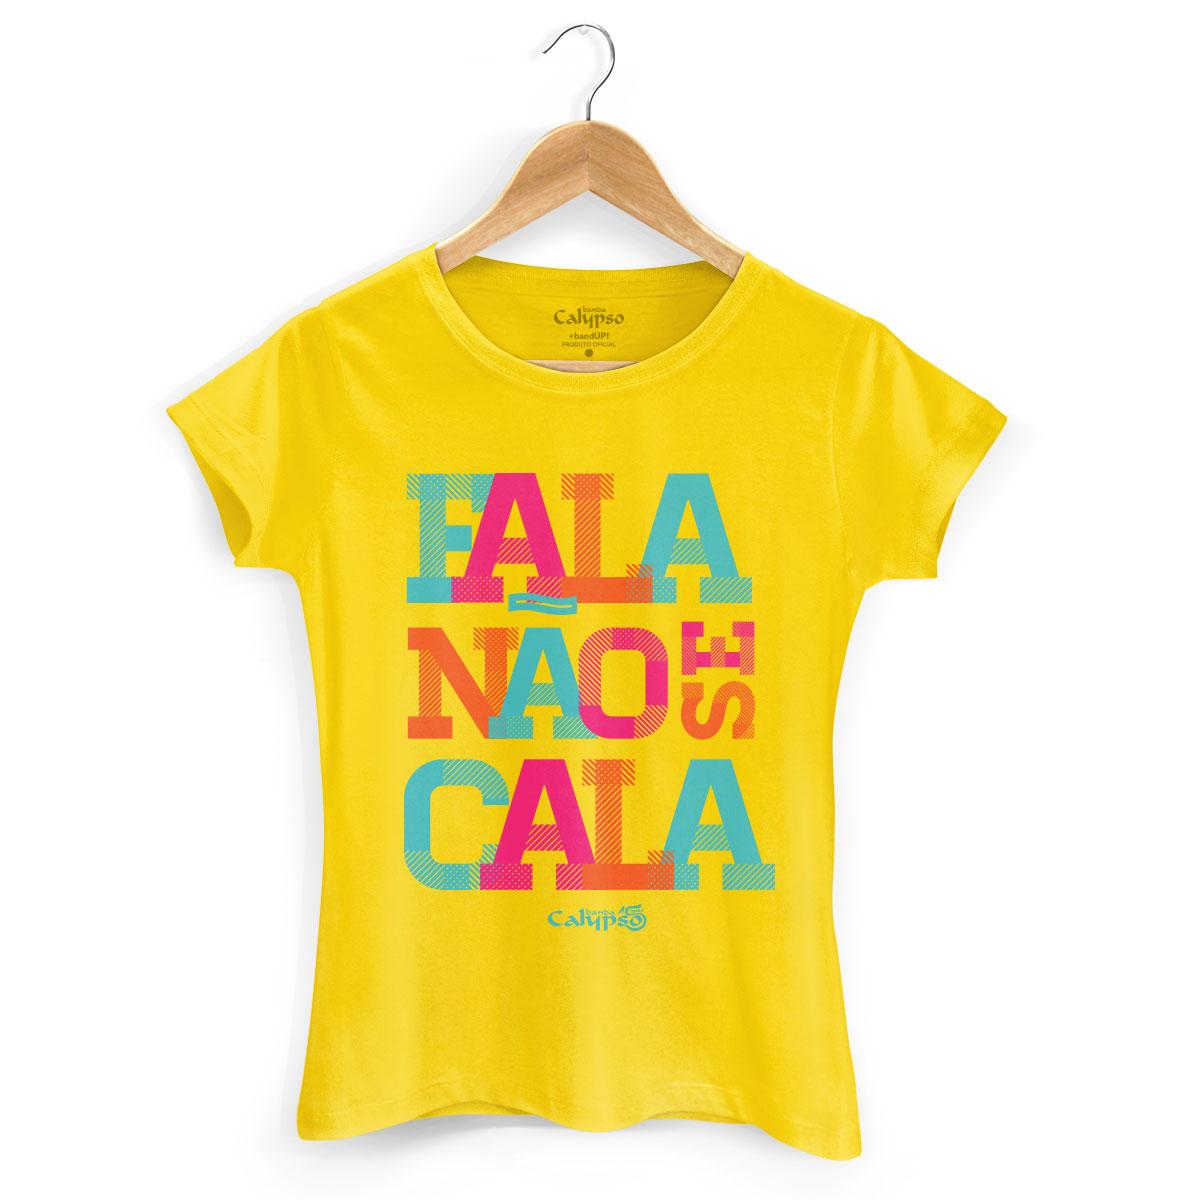 Camiseta Feminina Calypso Fala Não Se Cala